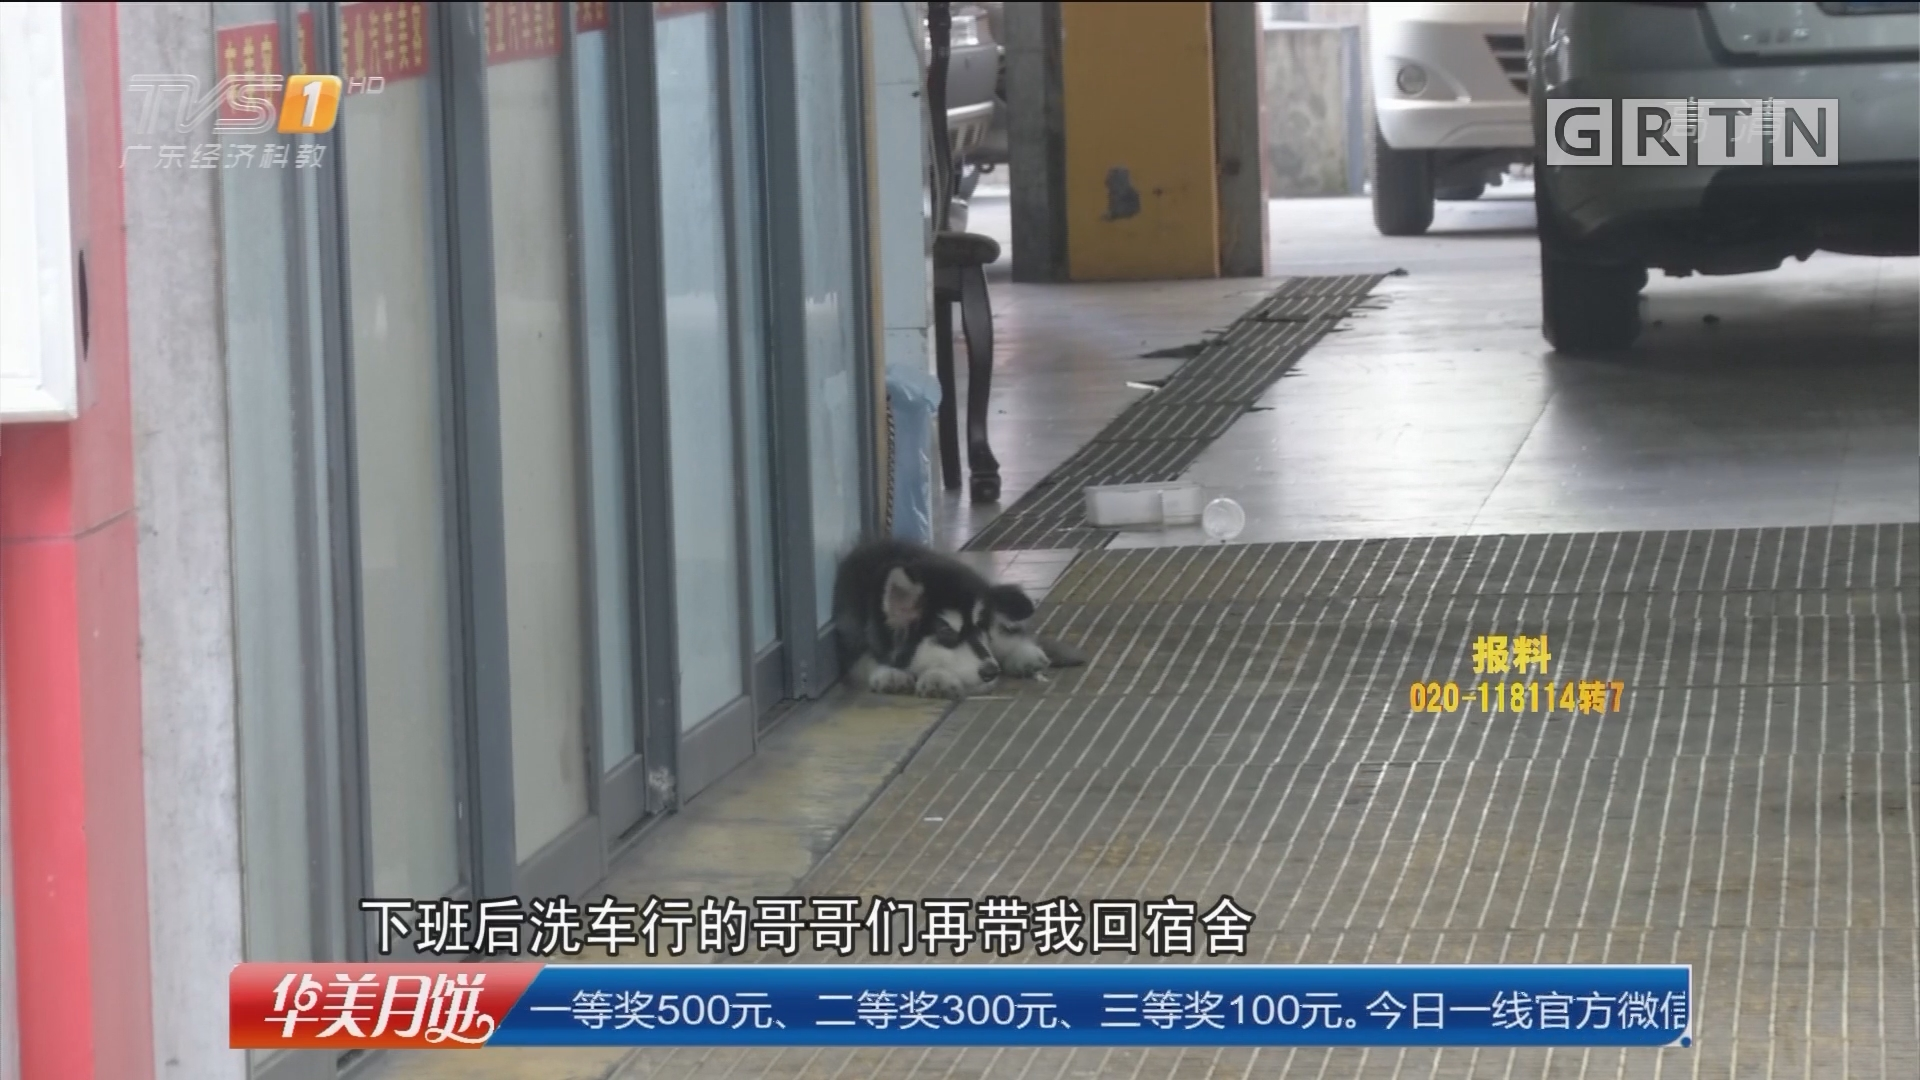 佛山禅城:阿拉斯加犬走失 酒店大堂内现身